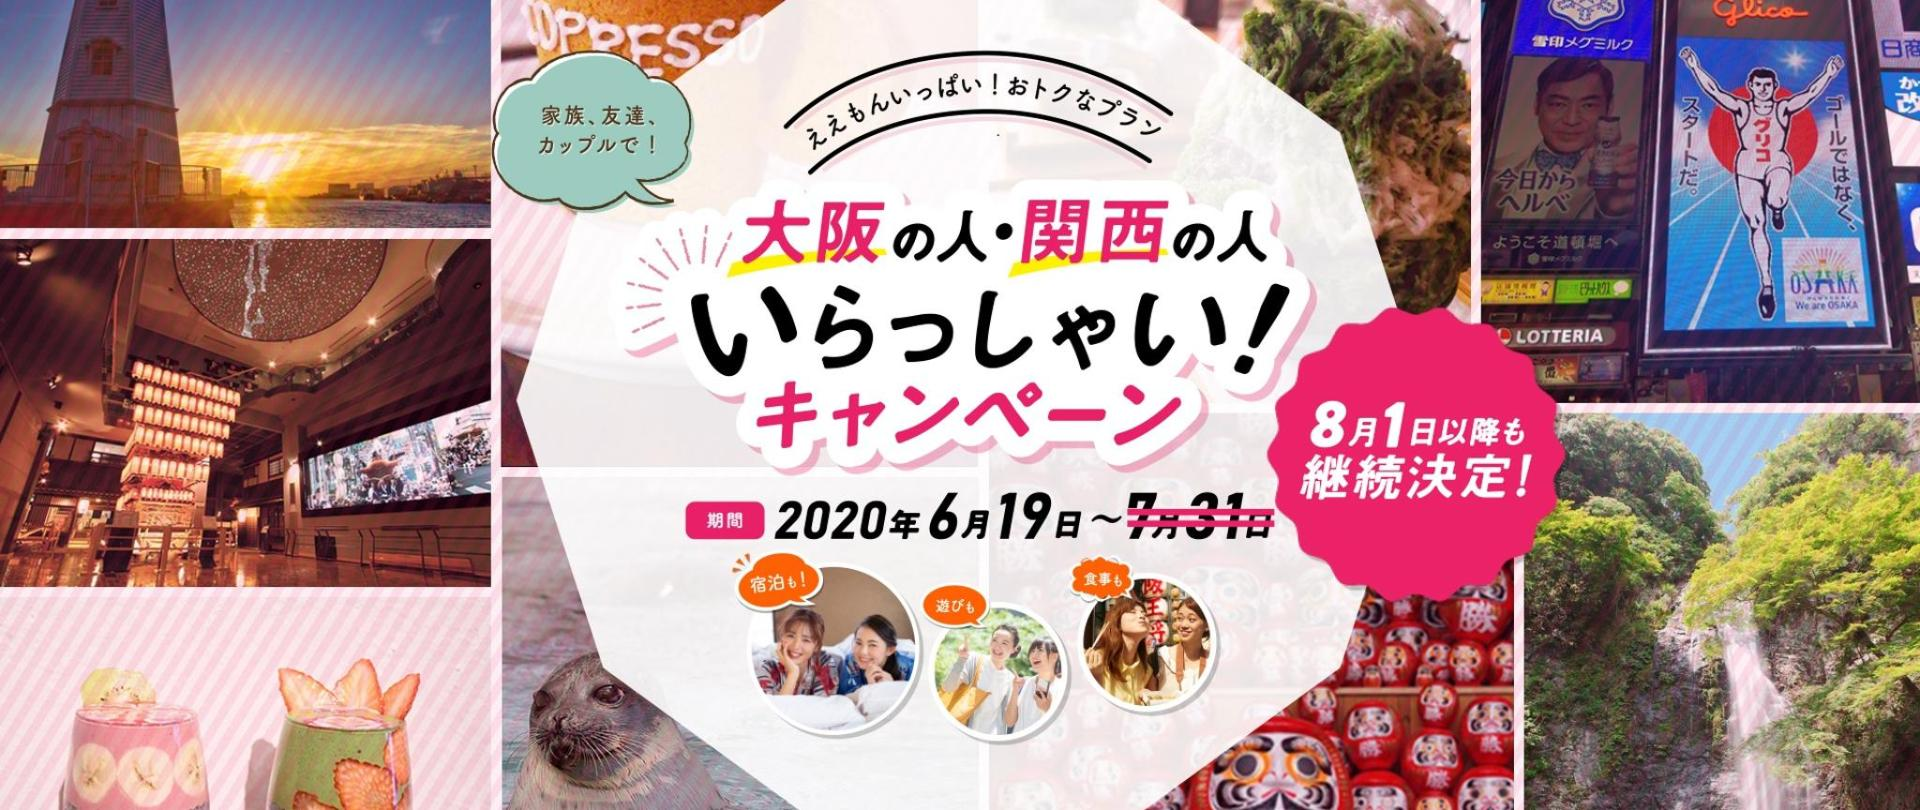 大阪いらっしゃい 公式画像(改訂版).jpg